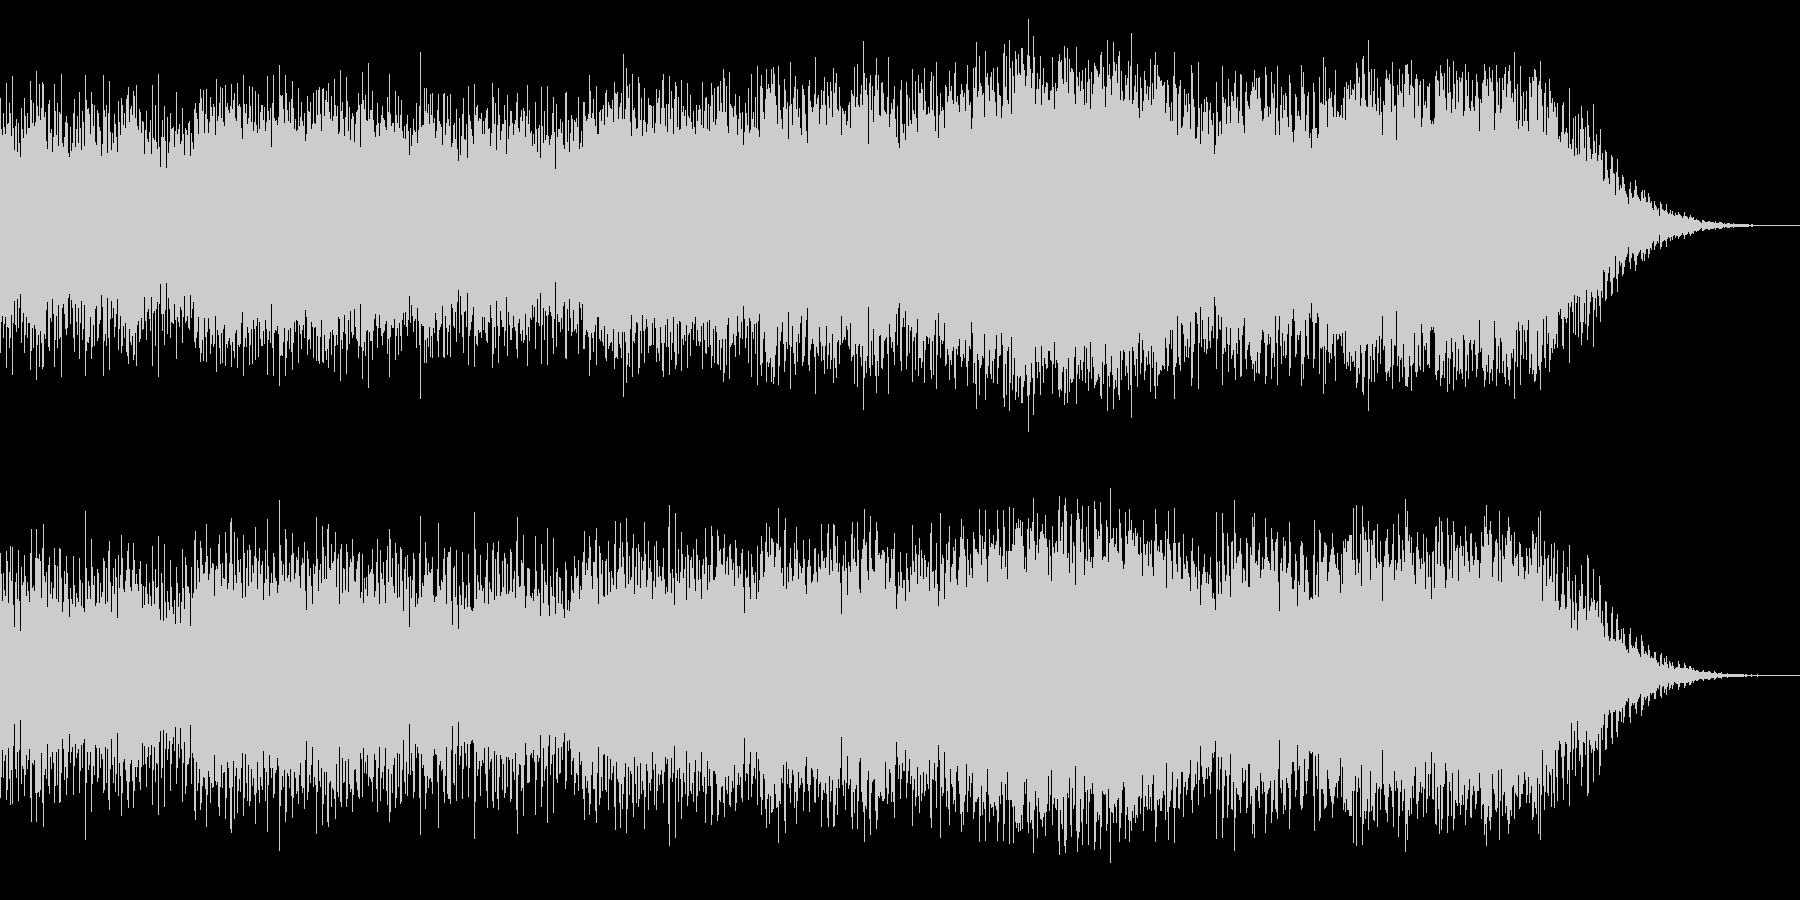 定番なハウス系EDMの未再生の波形